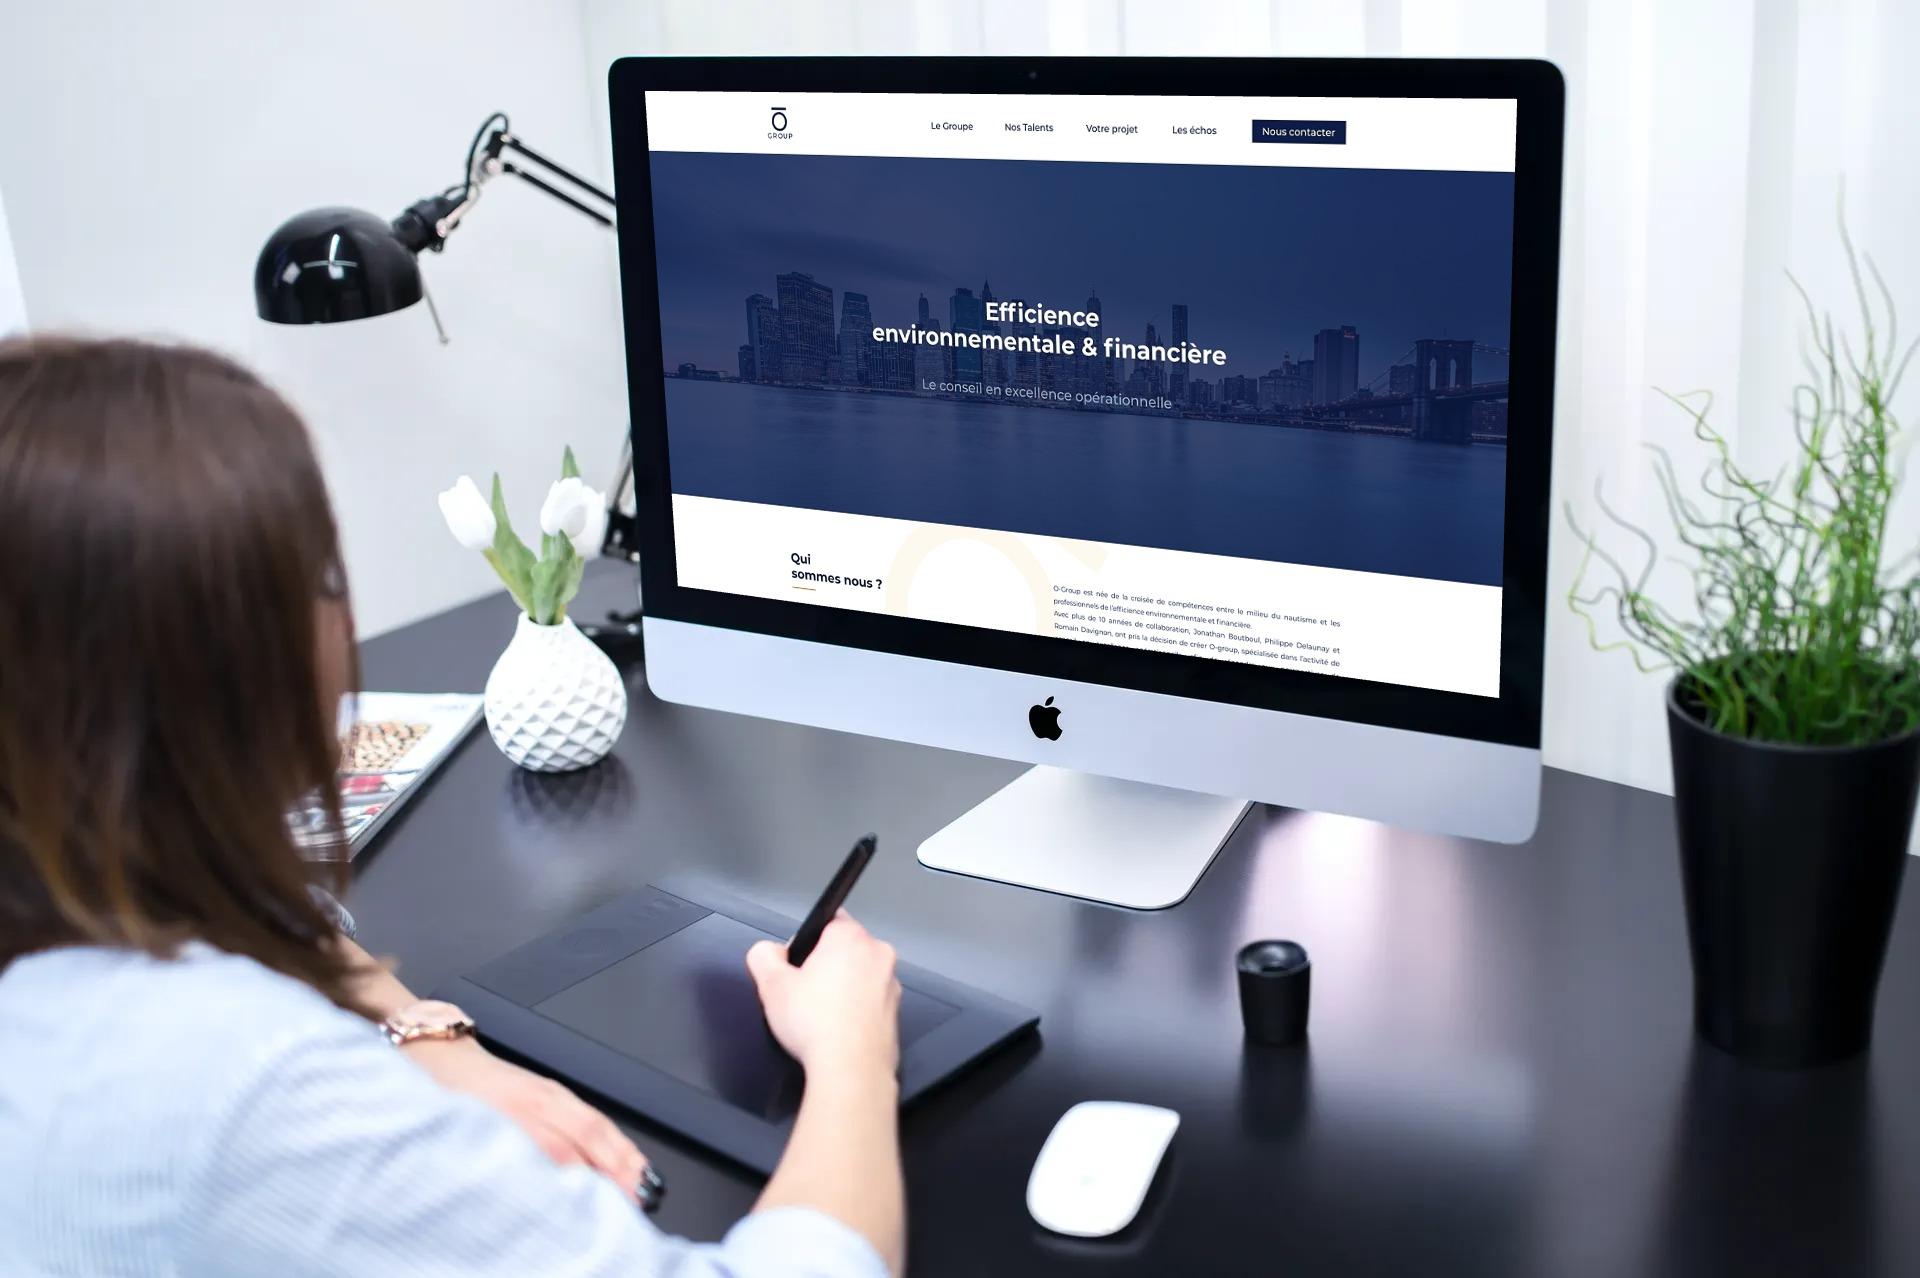 iMac allumé avec la page internet du site O-Group